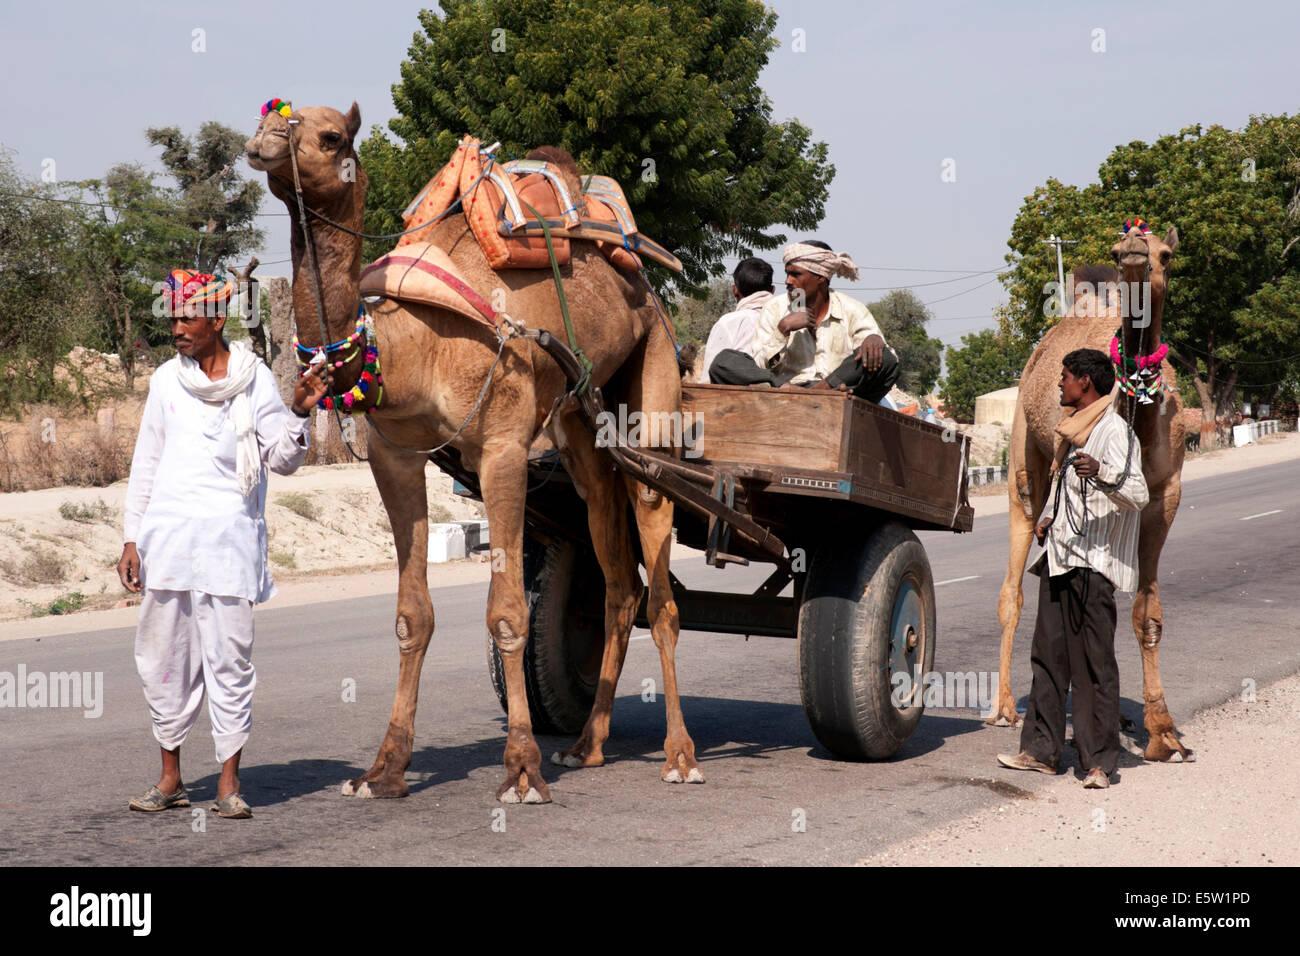 Transport typique avec un couple de chameaux et un wagon. Photo Stock